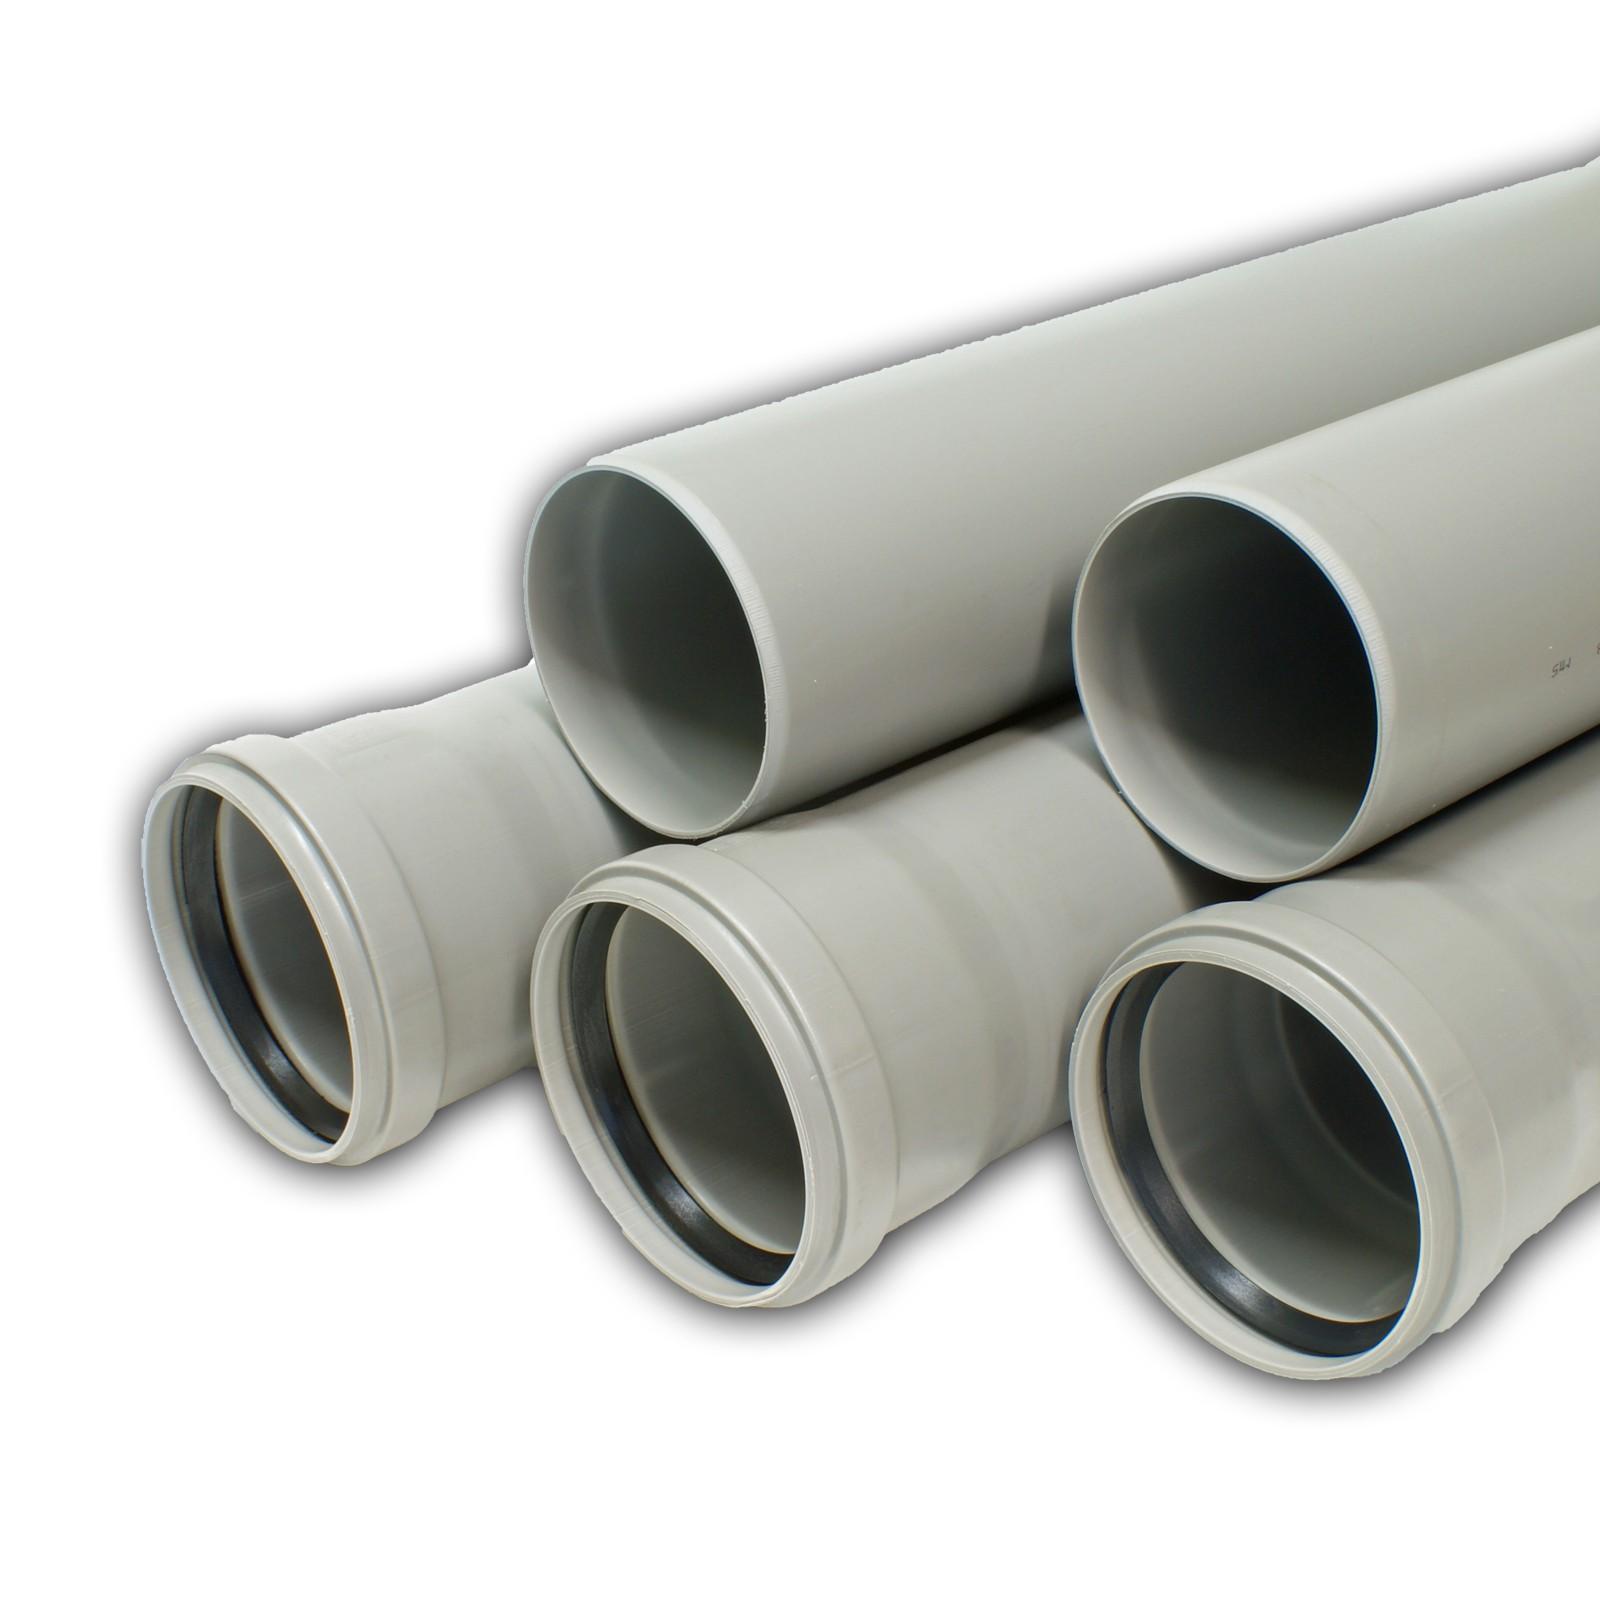 Abwasserrohre Kunststoff Kaufen Kunststoff Abwasserrohr